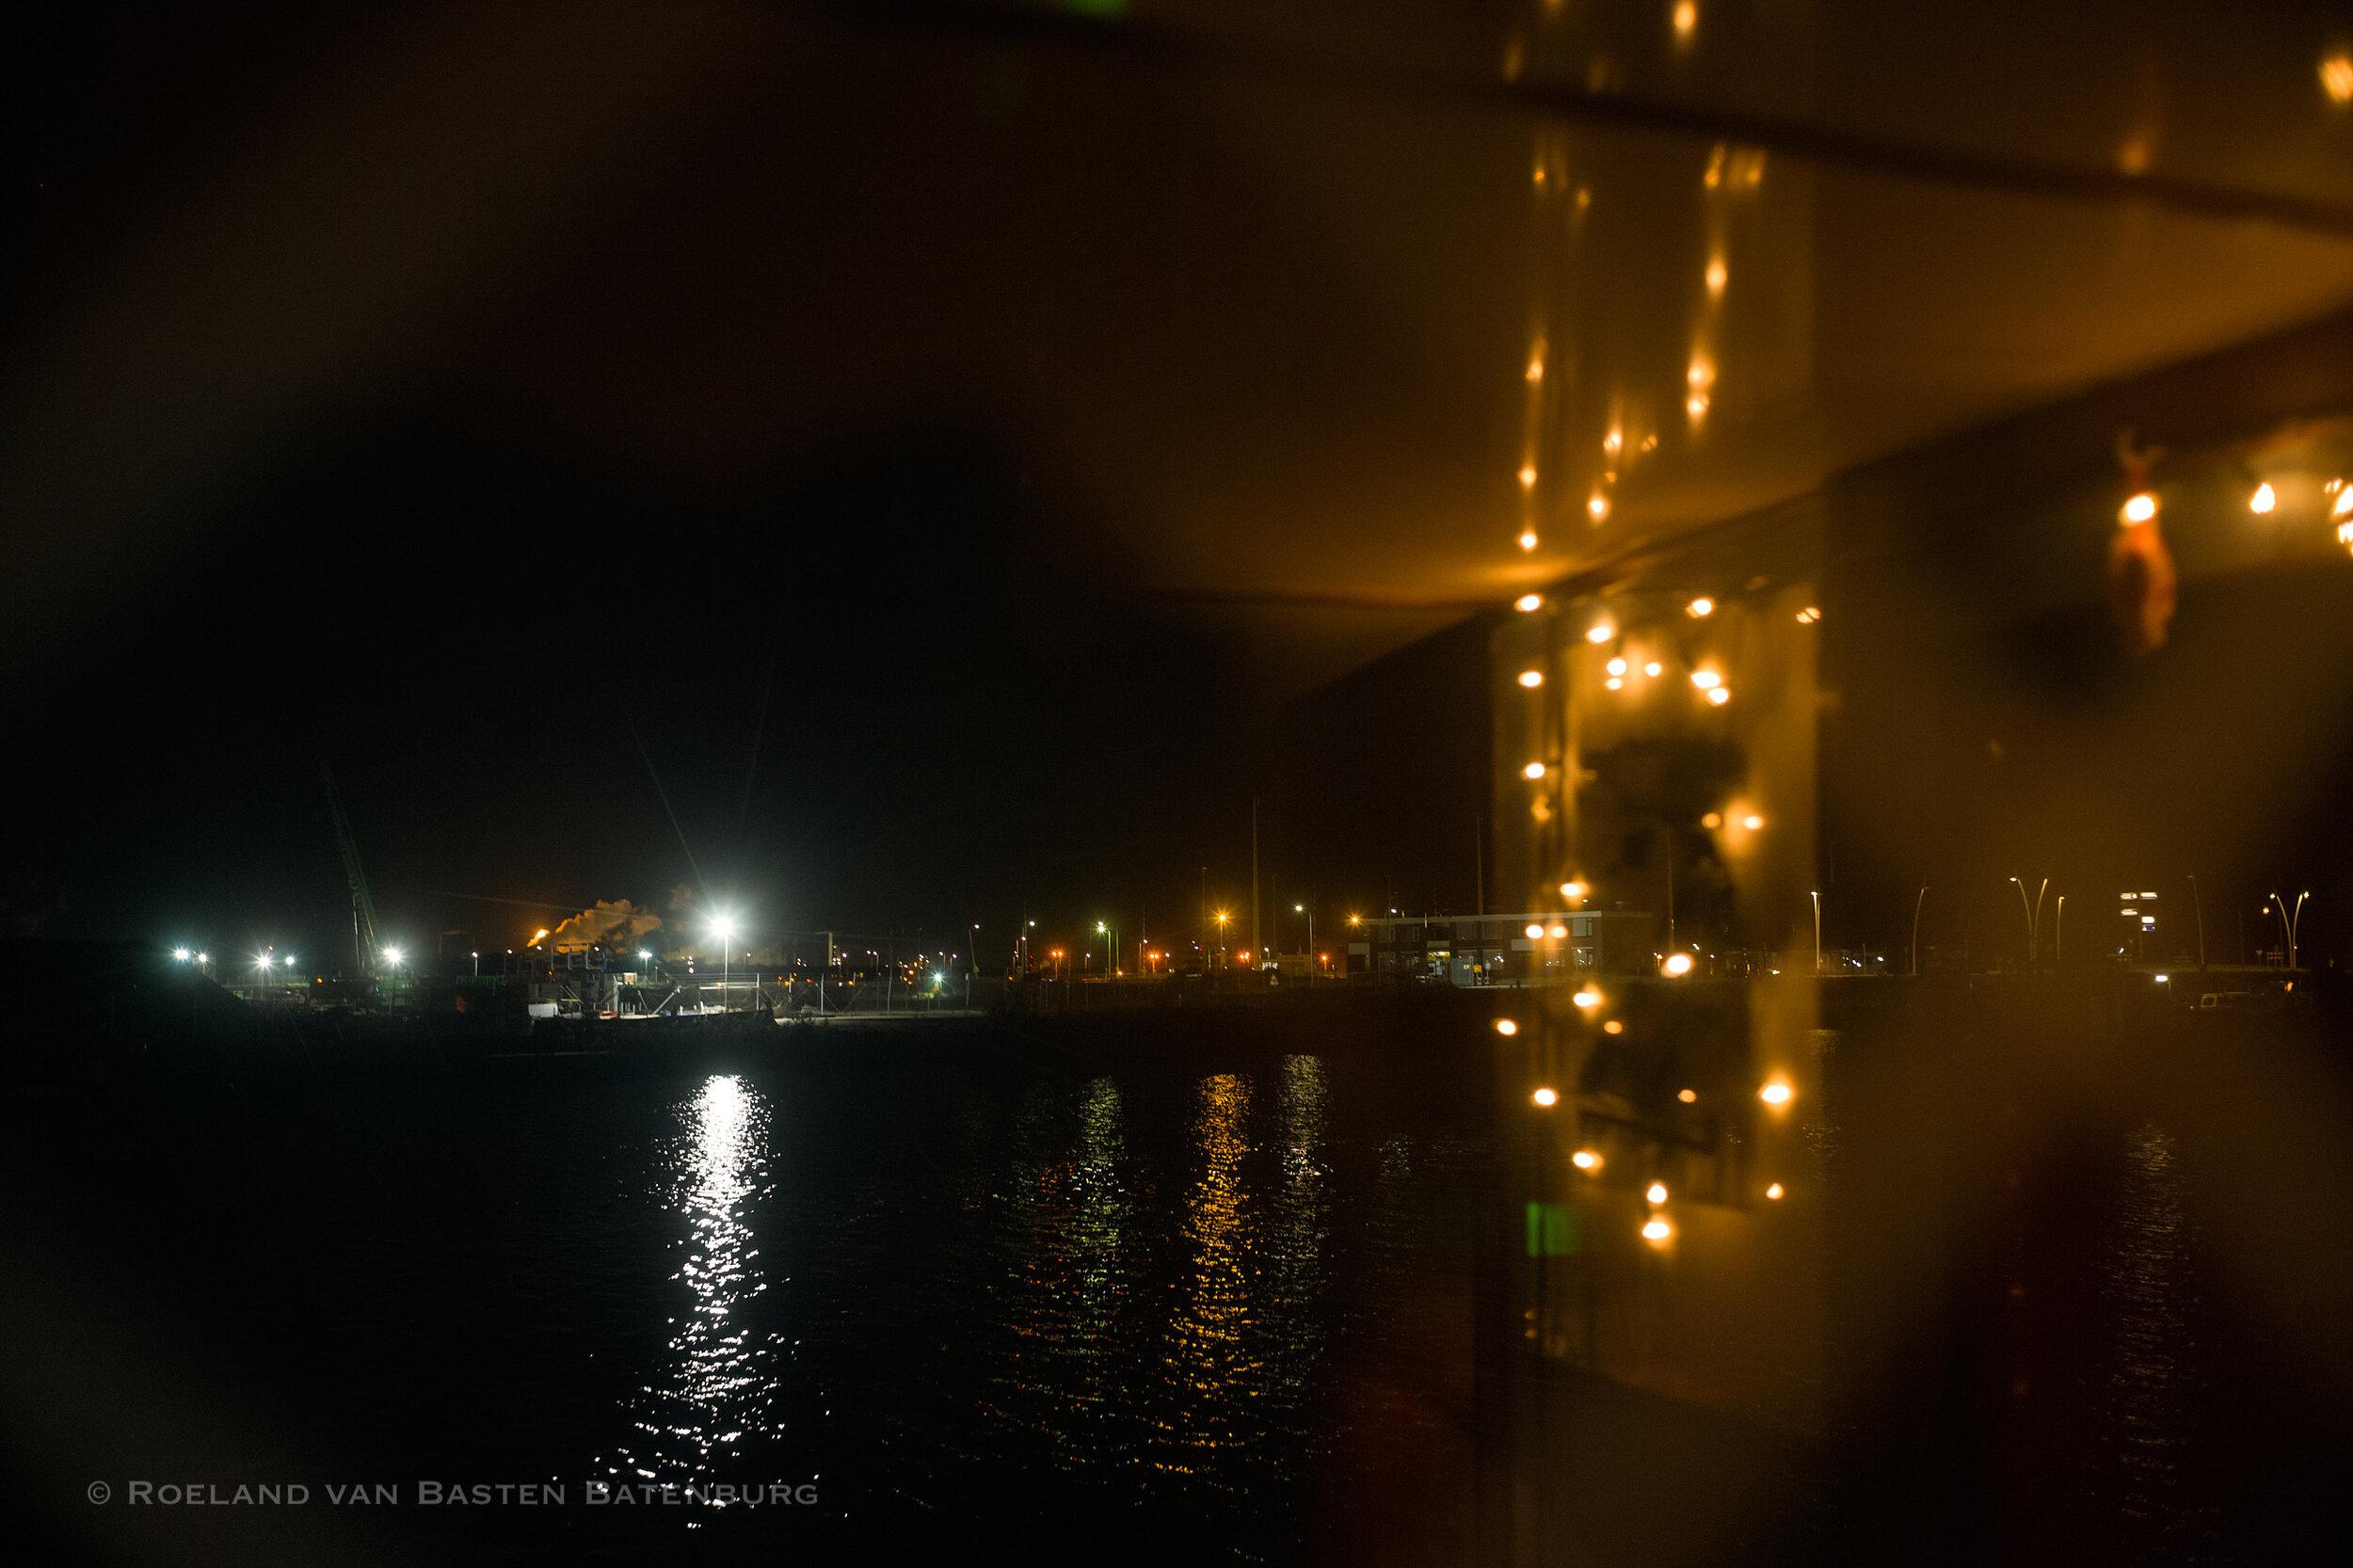 Ons uitzicht door het raam